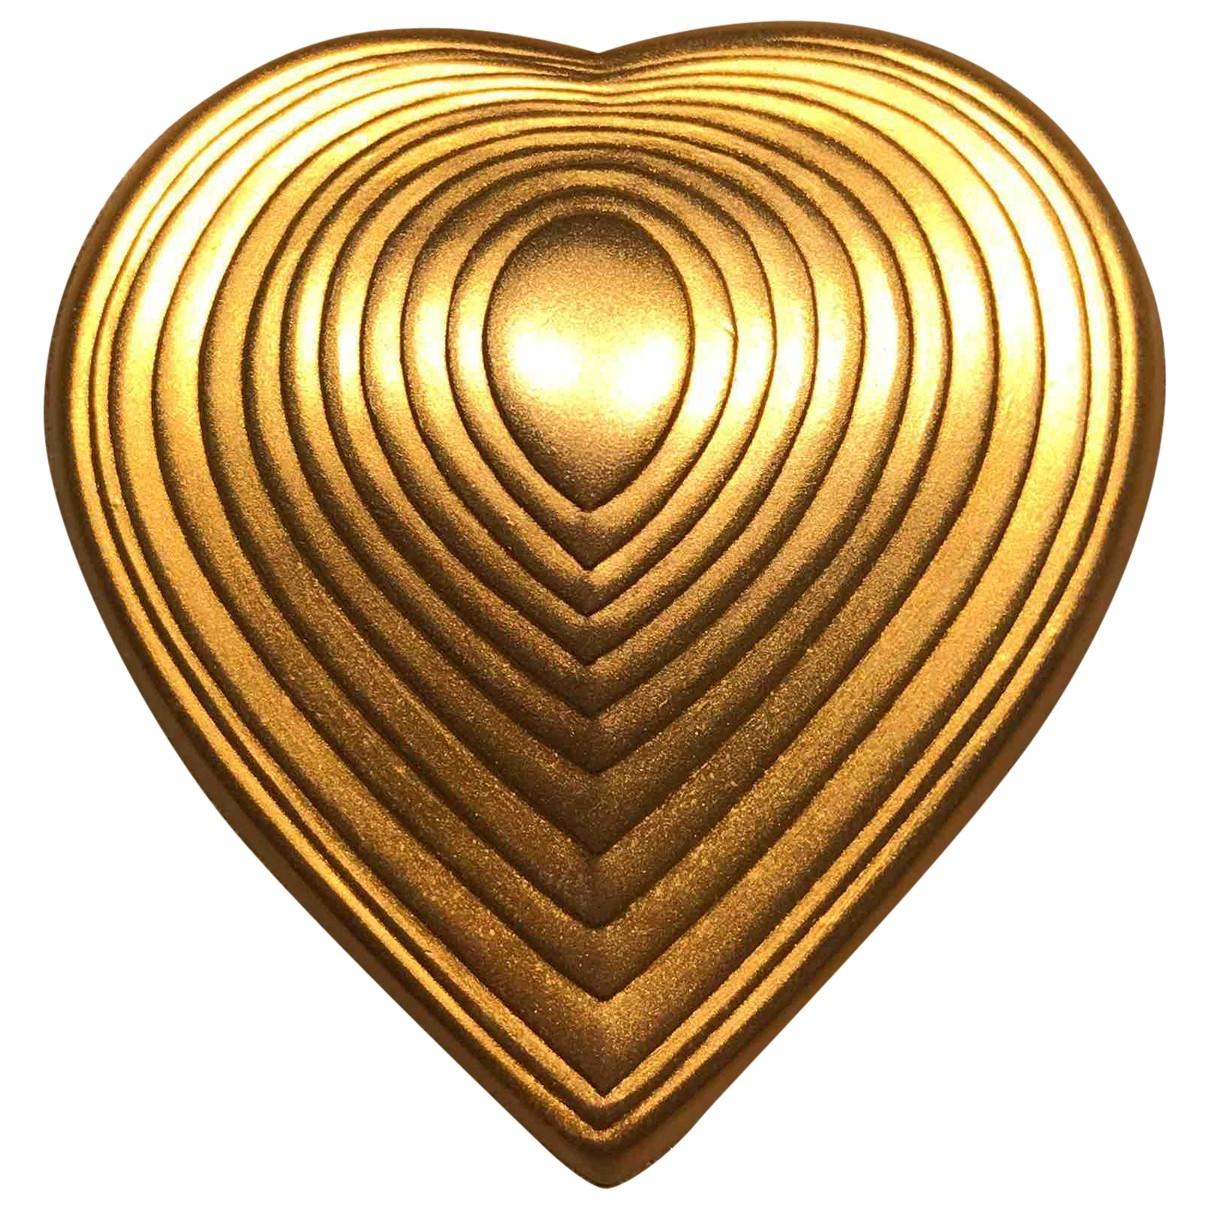 Broche en Metal Dorado Non Signe / Unsigned